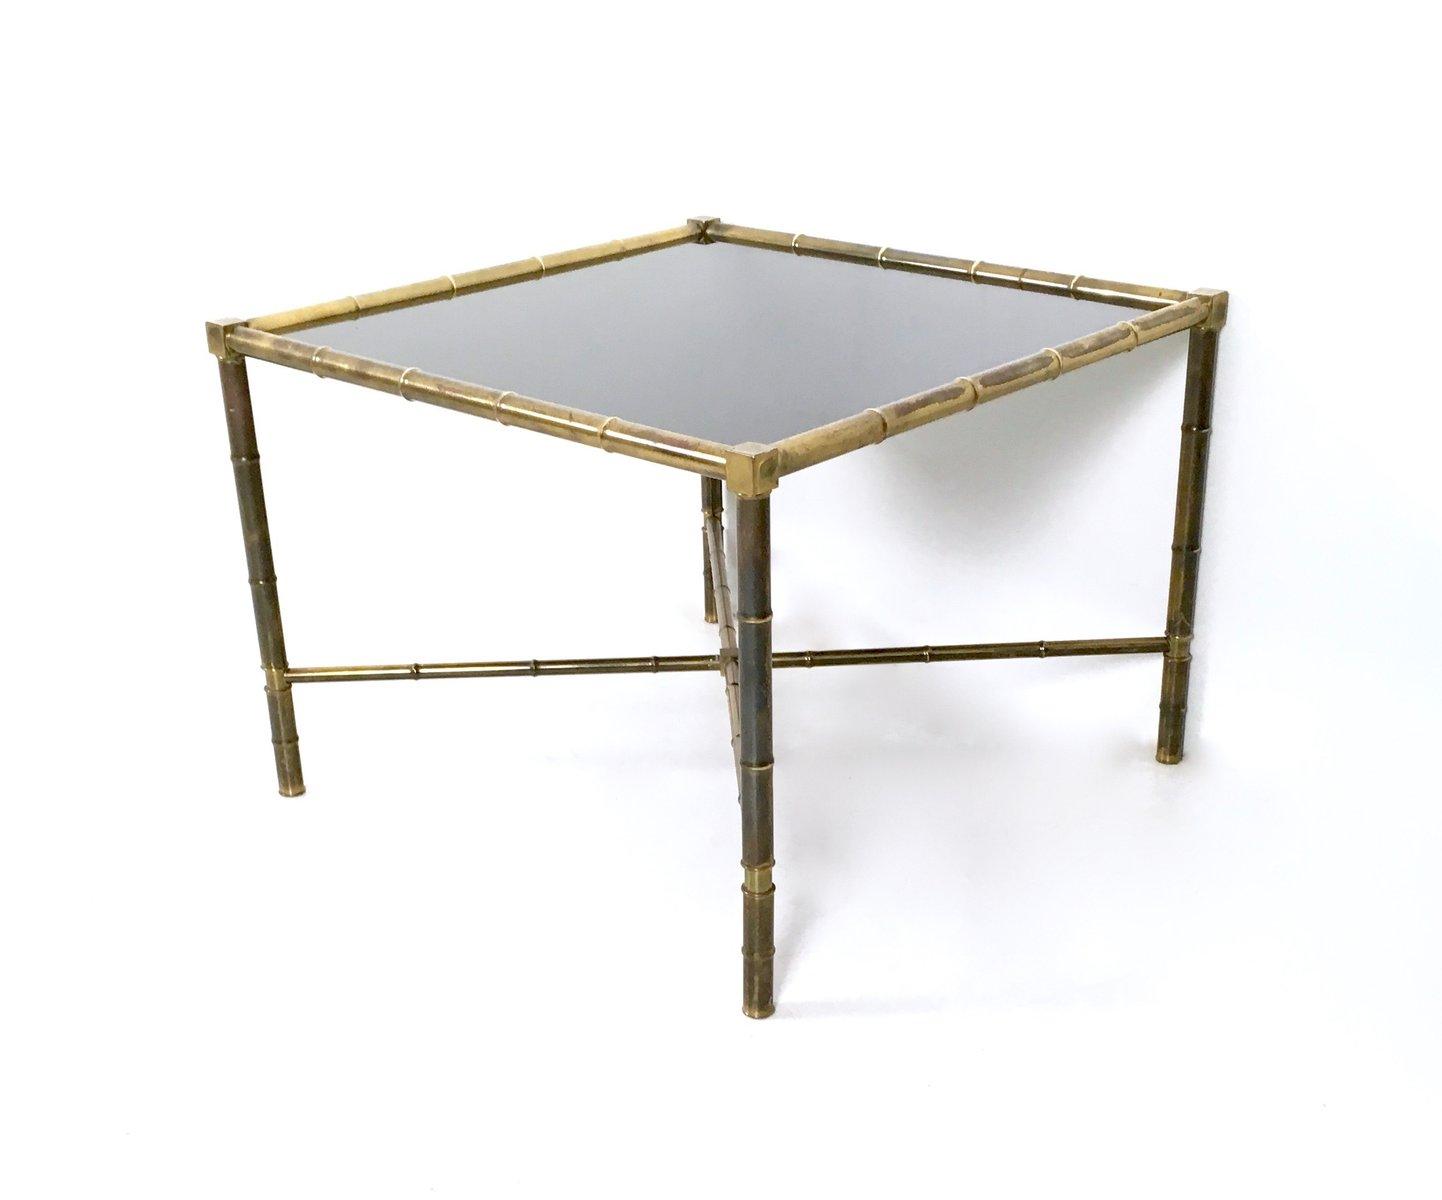 Table Basse Mid Century En Laiton Et Verre Opalin France 1950s En Vente Sur Pamono